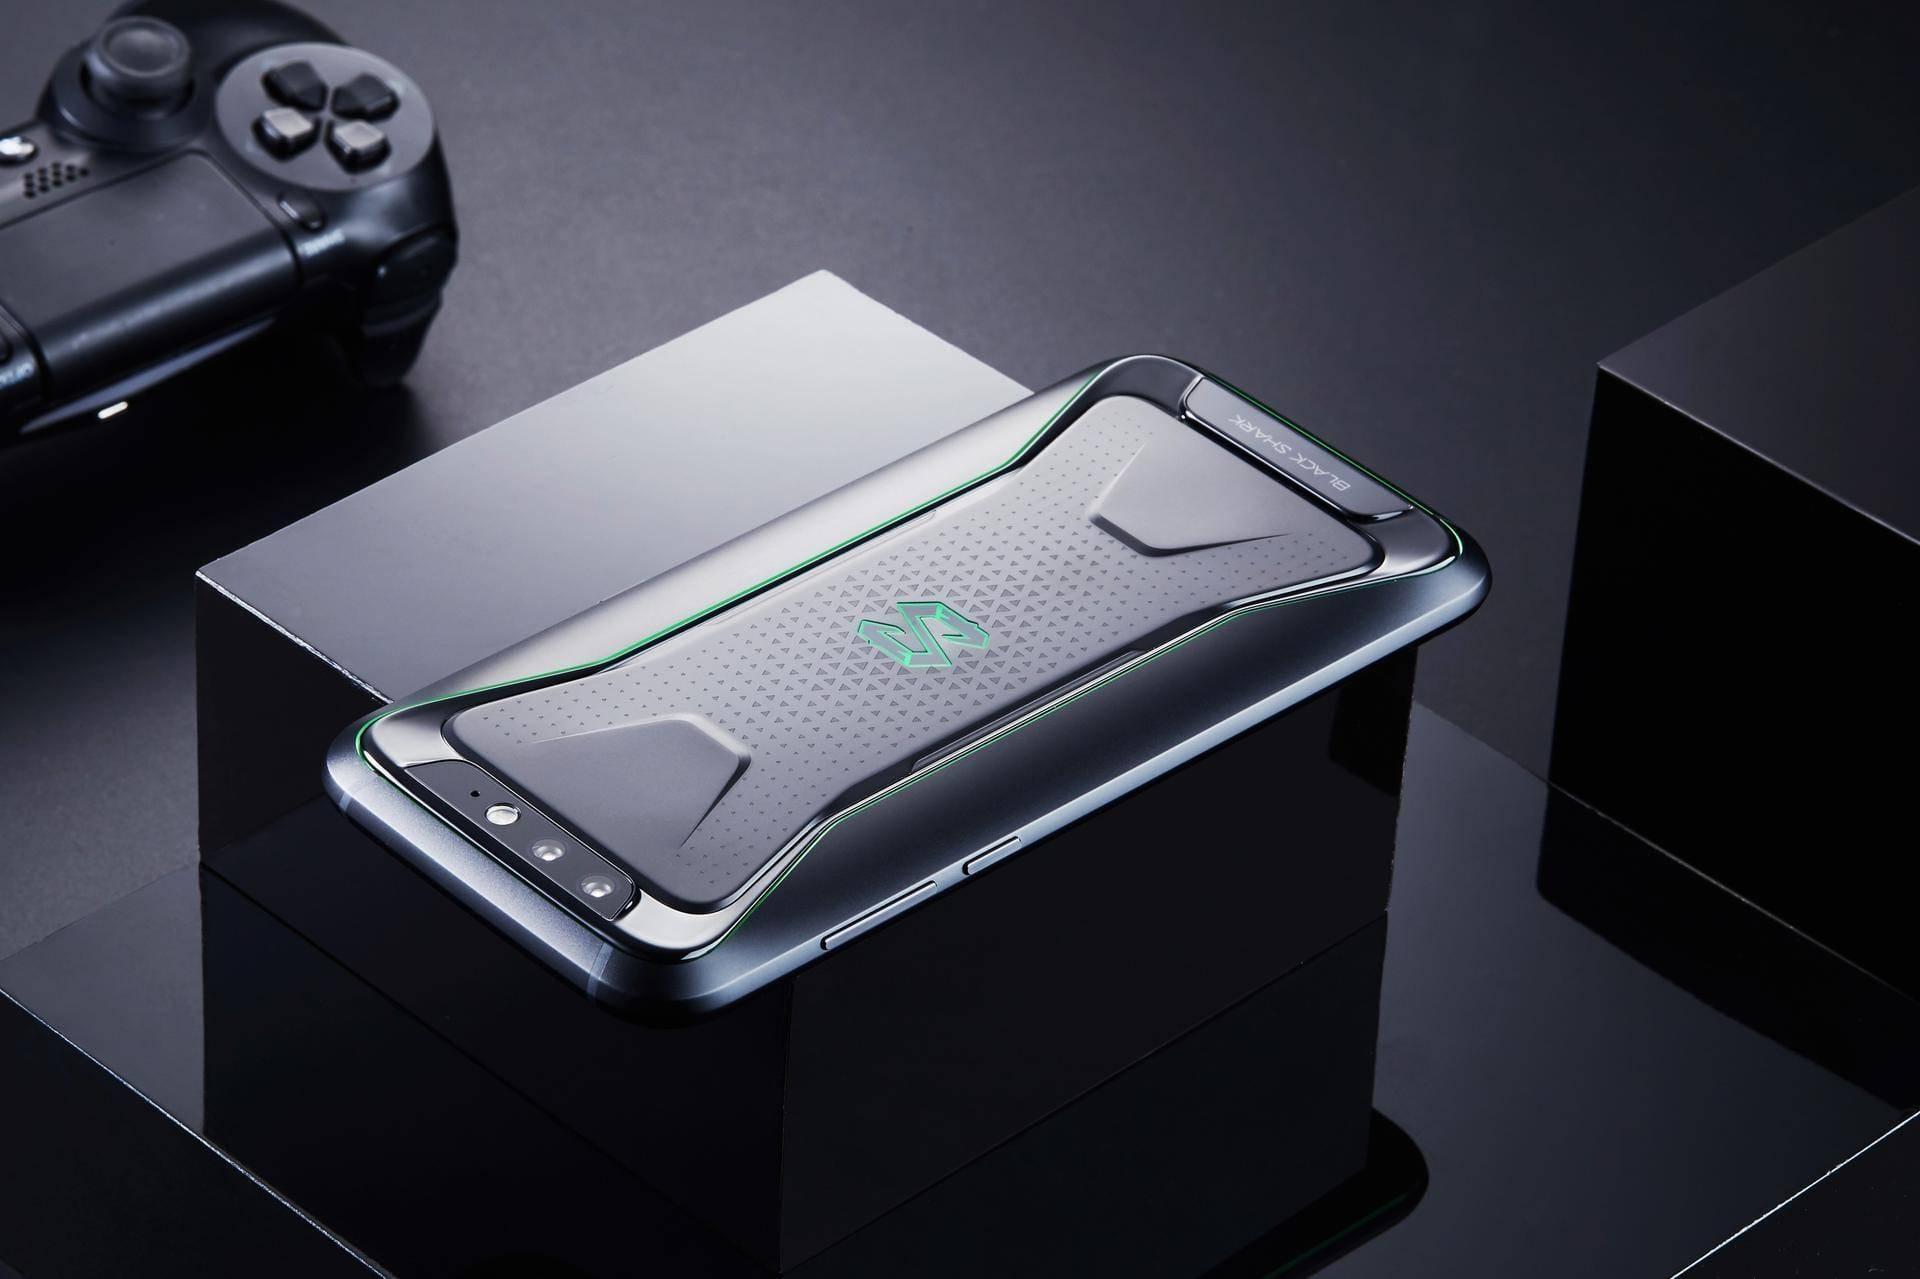 Самый мощный процессор для телефона в мире 2020